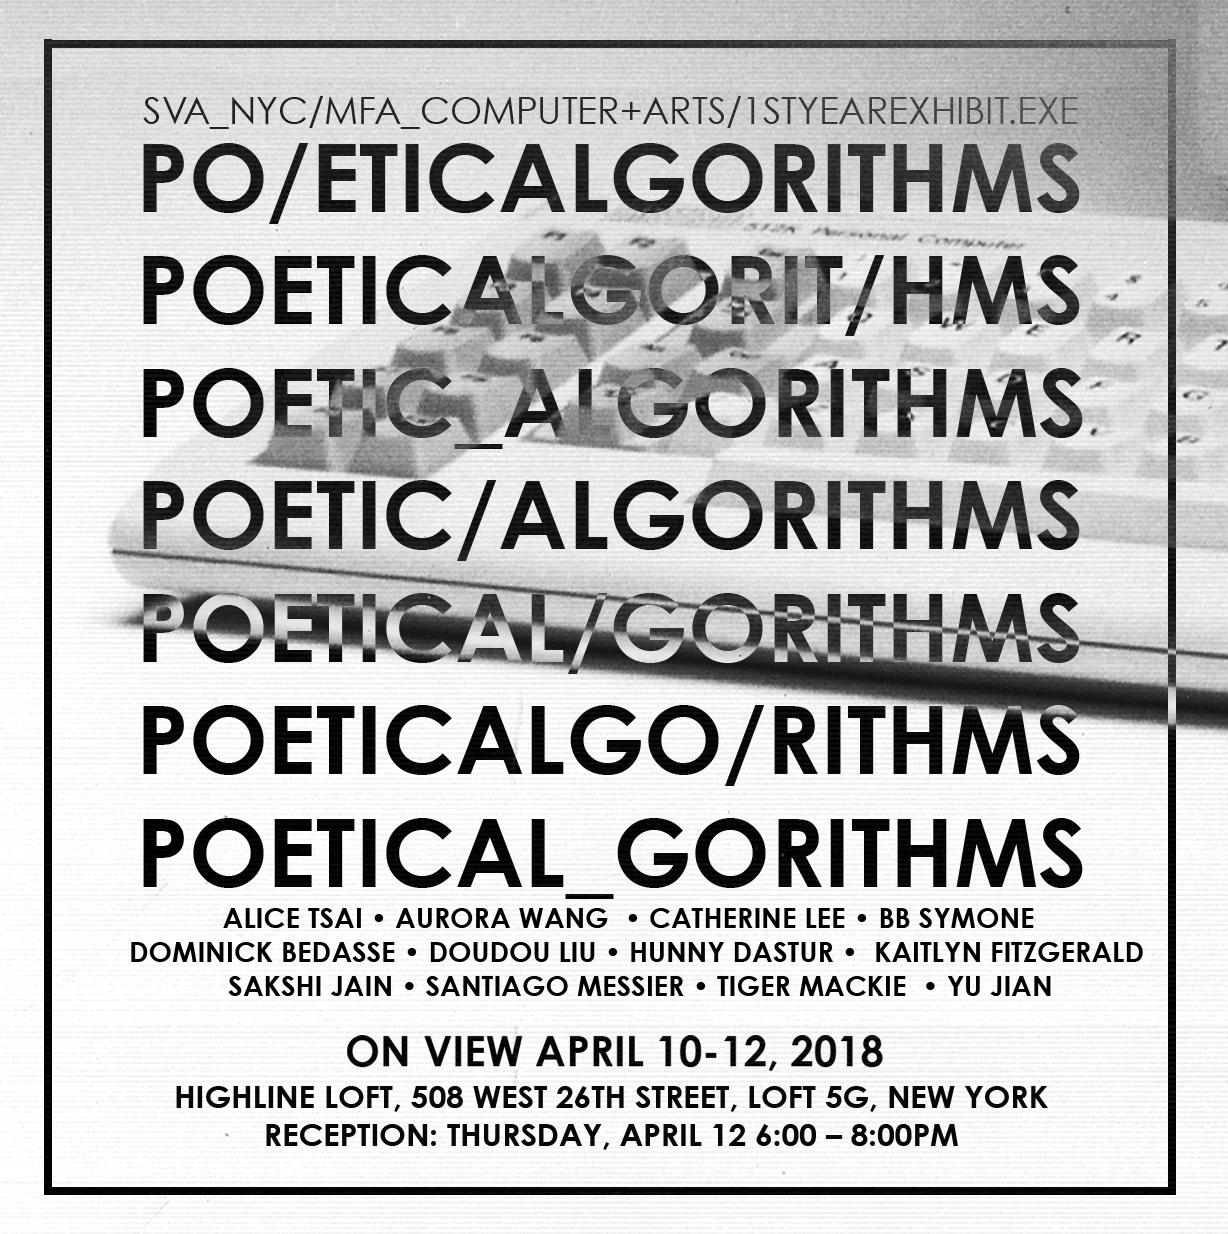 poetic algoithms